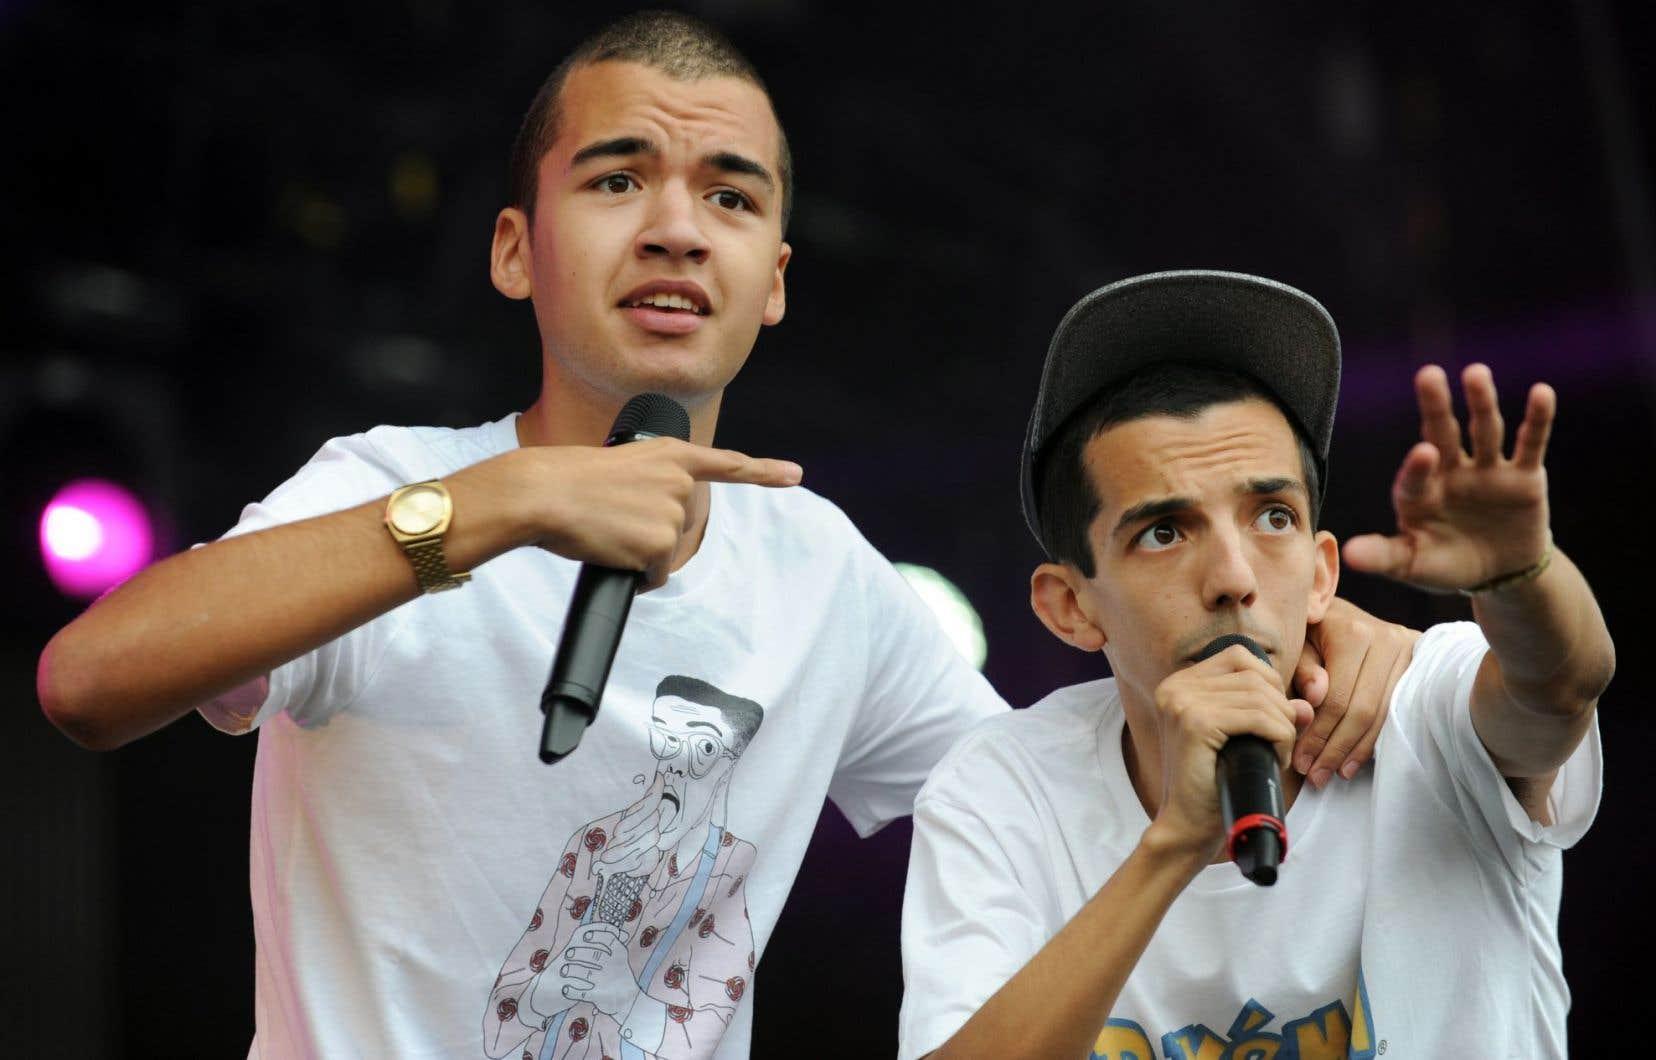 Le duo Bigflo & Oli amène un vent de classicisme sur le rap français.